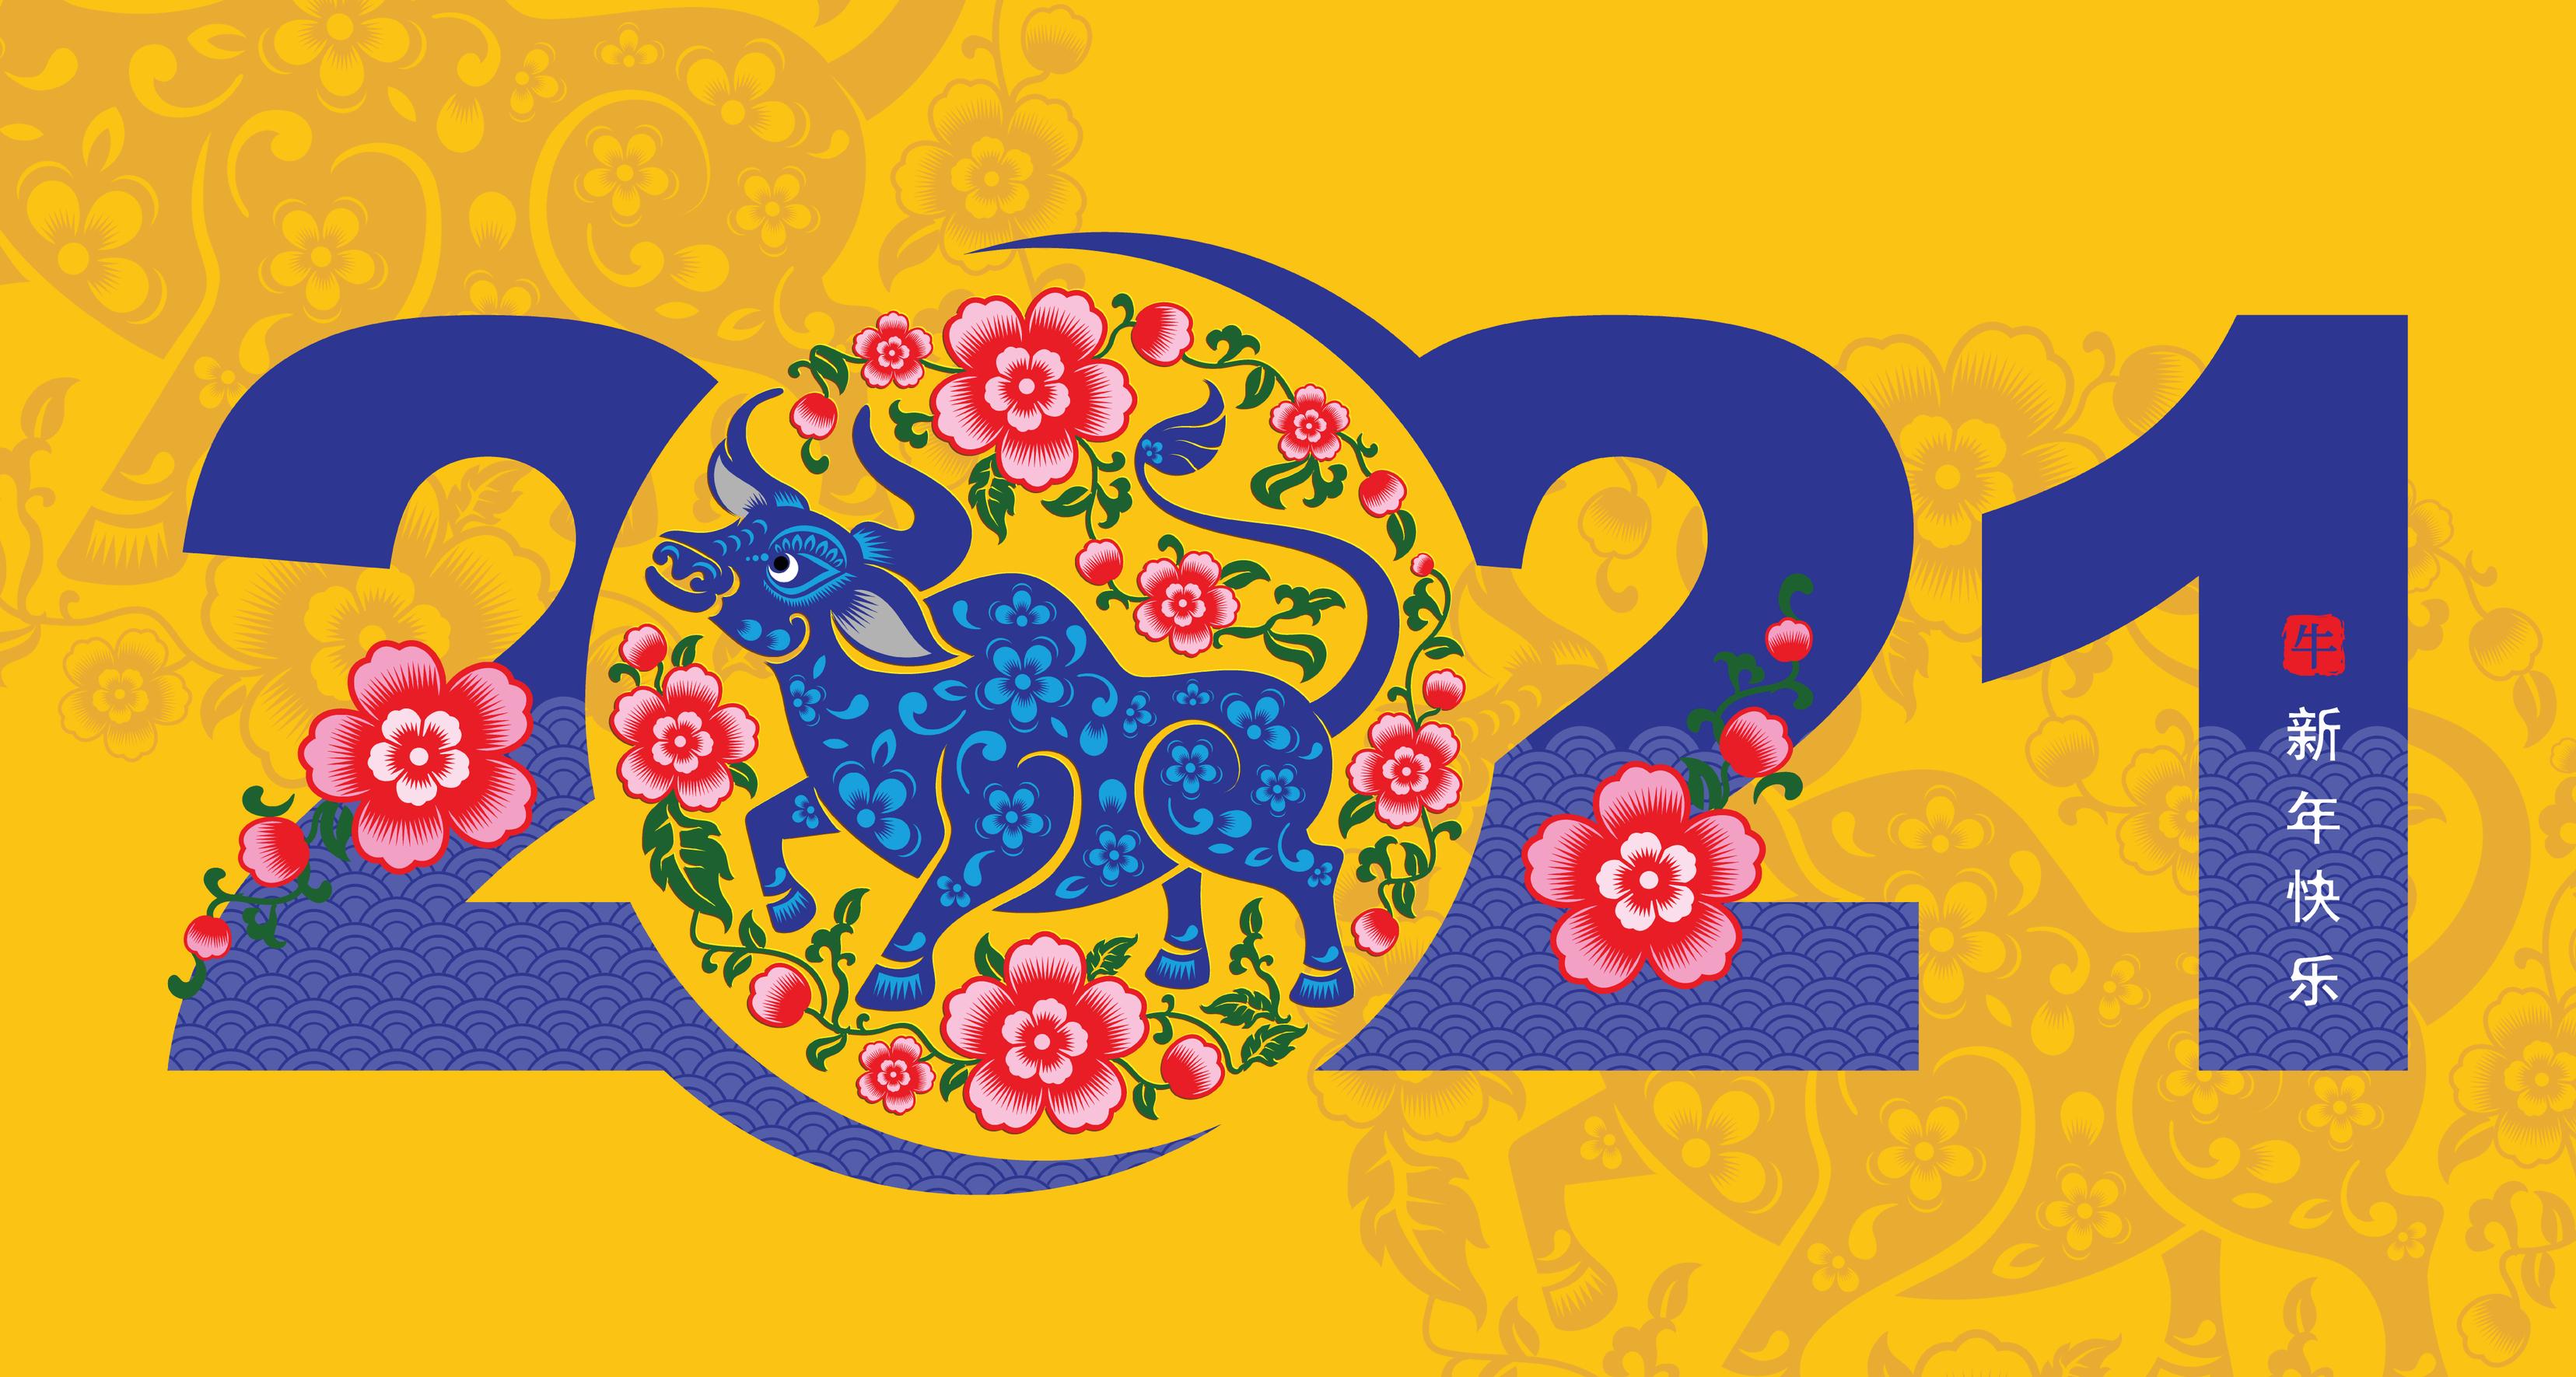 Horoscop chinezesc 2021 - Anul Bivolului de Metal. Ce trebuie să faci ca să îți meargă bine